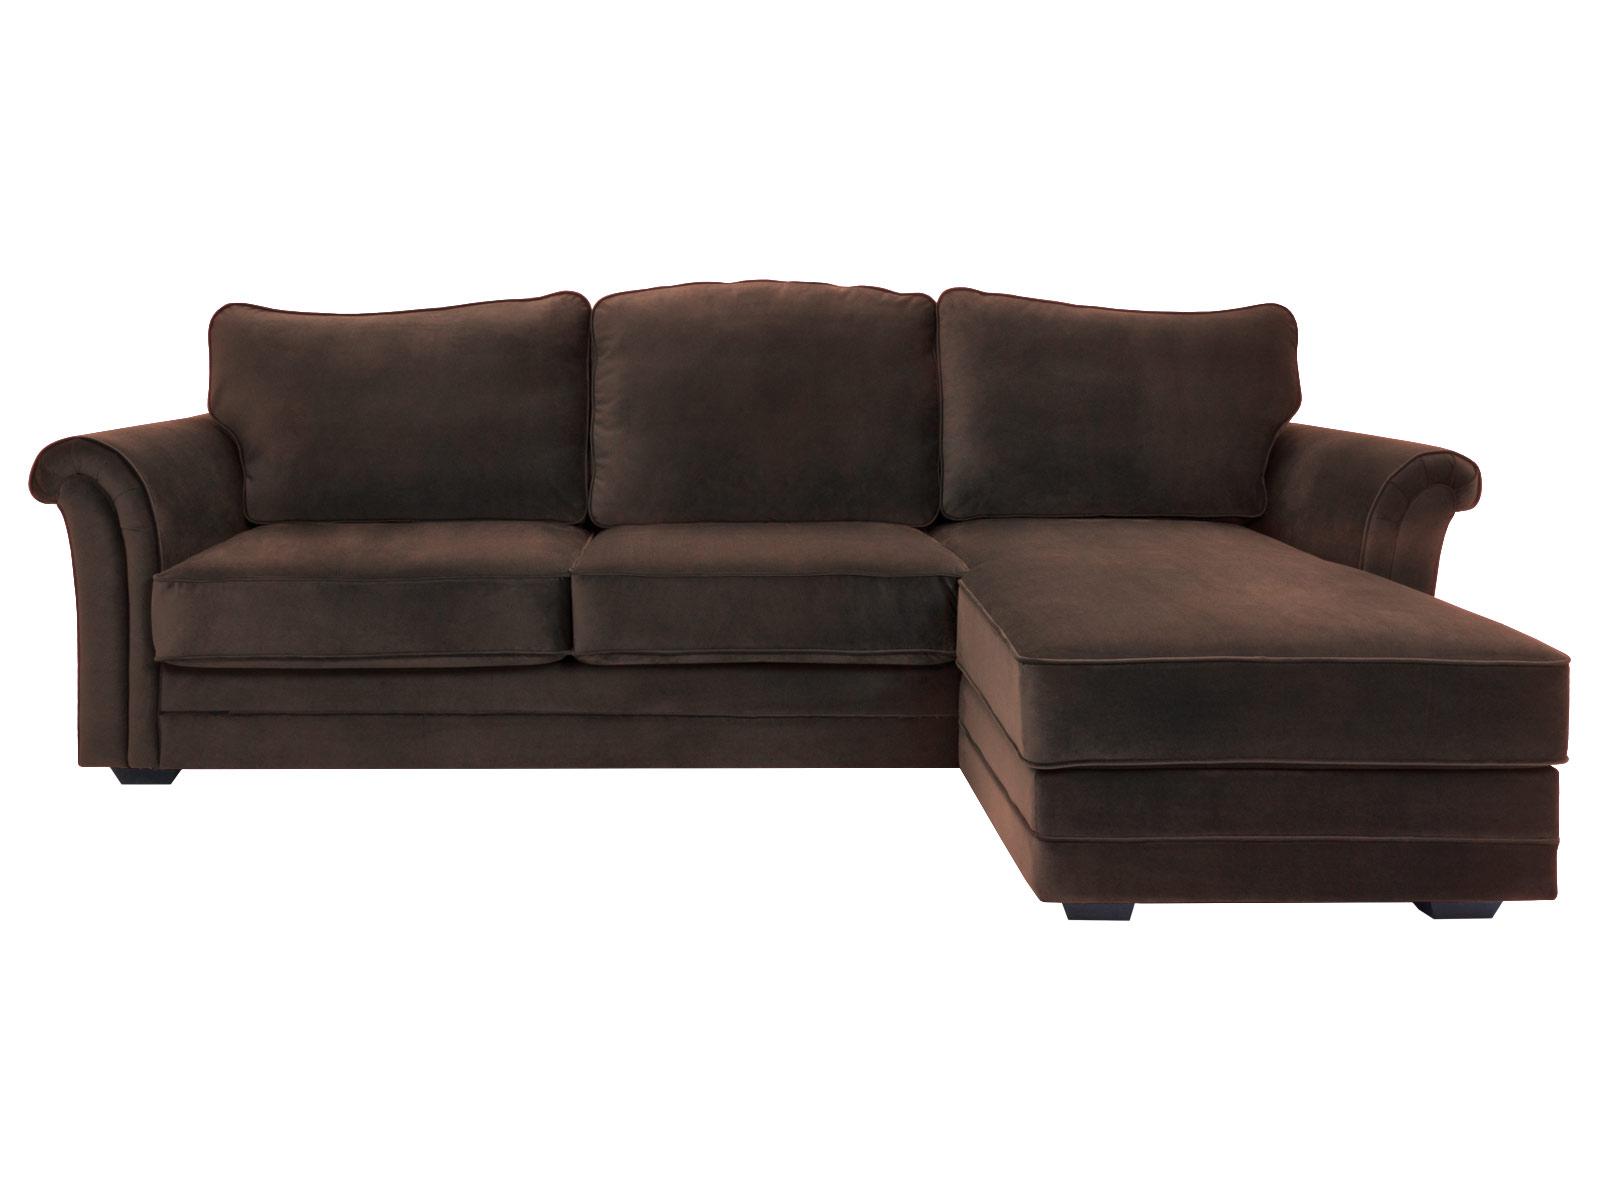 Диван SydУгловые раскладные диваны<br>&amp;lt;div&amp;gt;А вам под силу придумать больше двух вариантов, как можно расположиться на диване? Syd поможет вам эспериментировать. Благодаря угловой оттоманке и раскладному механизму, вариантов теперь -- тысячи! Плавные линии спинки и подлокотников прекрасно дополнят прованский интерьер. А удобные ящики для хранения позволят сэкономить место.&amp;lt;/div&amp;gt;&amp;lt;div&amp;gt;Оттоманка может располагаться как с правой, так и с левой стороны.&amp;amp;nbsp;&amp;lt;/div&amp;gt;&amp;lt;div&amp;gt;&amp;lt;br&amp;gt;&amp;lt;/div&amp;gt;&amp;lt;div&amp;gt;Каркас: деревянный брус, фанера&amp;lt;/div&amp;gt;&amp;lt;div&amp;gt;Подушки спинок: синтетическое волокно «синтепух»&amp;lt;/div&amp;gt;&amp;lt;div&amp;gt;Подушки сидений: пенополиуретан, синтепон, пружинный блок&amp;lt;/div&amp;gt;&amp;lt;div&amp;gt;Обивка: 100% полиэстер&amp;lt;/div&amp;gt;&amp;lt;div&amp;gt;&amp;lt;br&amp;gt;&amp;lt;/div&amp;gt;&amp;lt;div&amp;gt;Размер спального места 184х133 см.&amp;lt;/div&amp;gt;&amp;lt;div&amp;gt;Лицевые чехлы подушек съёмные&amp;lt;/div&amp;gt;&amp;lt;div&amp;gt;Глубина оттоманки:151 cм&amp;lt;/div&amp;gt;&amp;lt;div&amp;gt;Ширина сиденья:235 cм&amp;lt;/div&amp;gt;&amp;lt;div&amp;gt;Глубина сиденья:57 cм&amp;lt;/div&amp;gt;&amp;lt;div&amp;gt;Высота сиденья:48 cм&amp;lt;/div&amp;gt;<br><br>Material: Текстиль<br>Width см: 283<br>Depth см: 173<br>Height см: 97